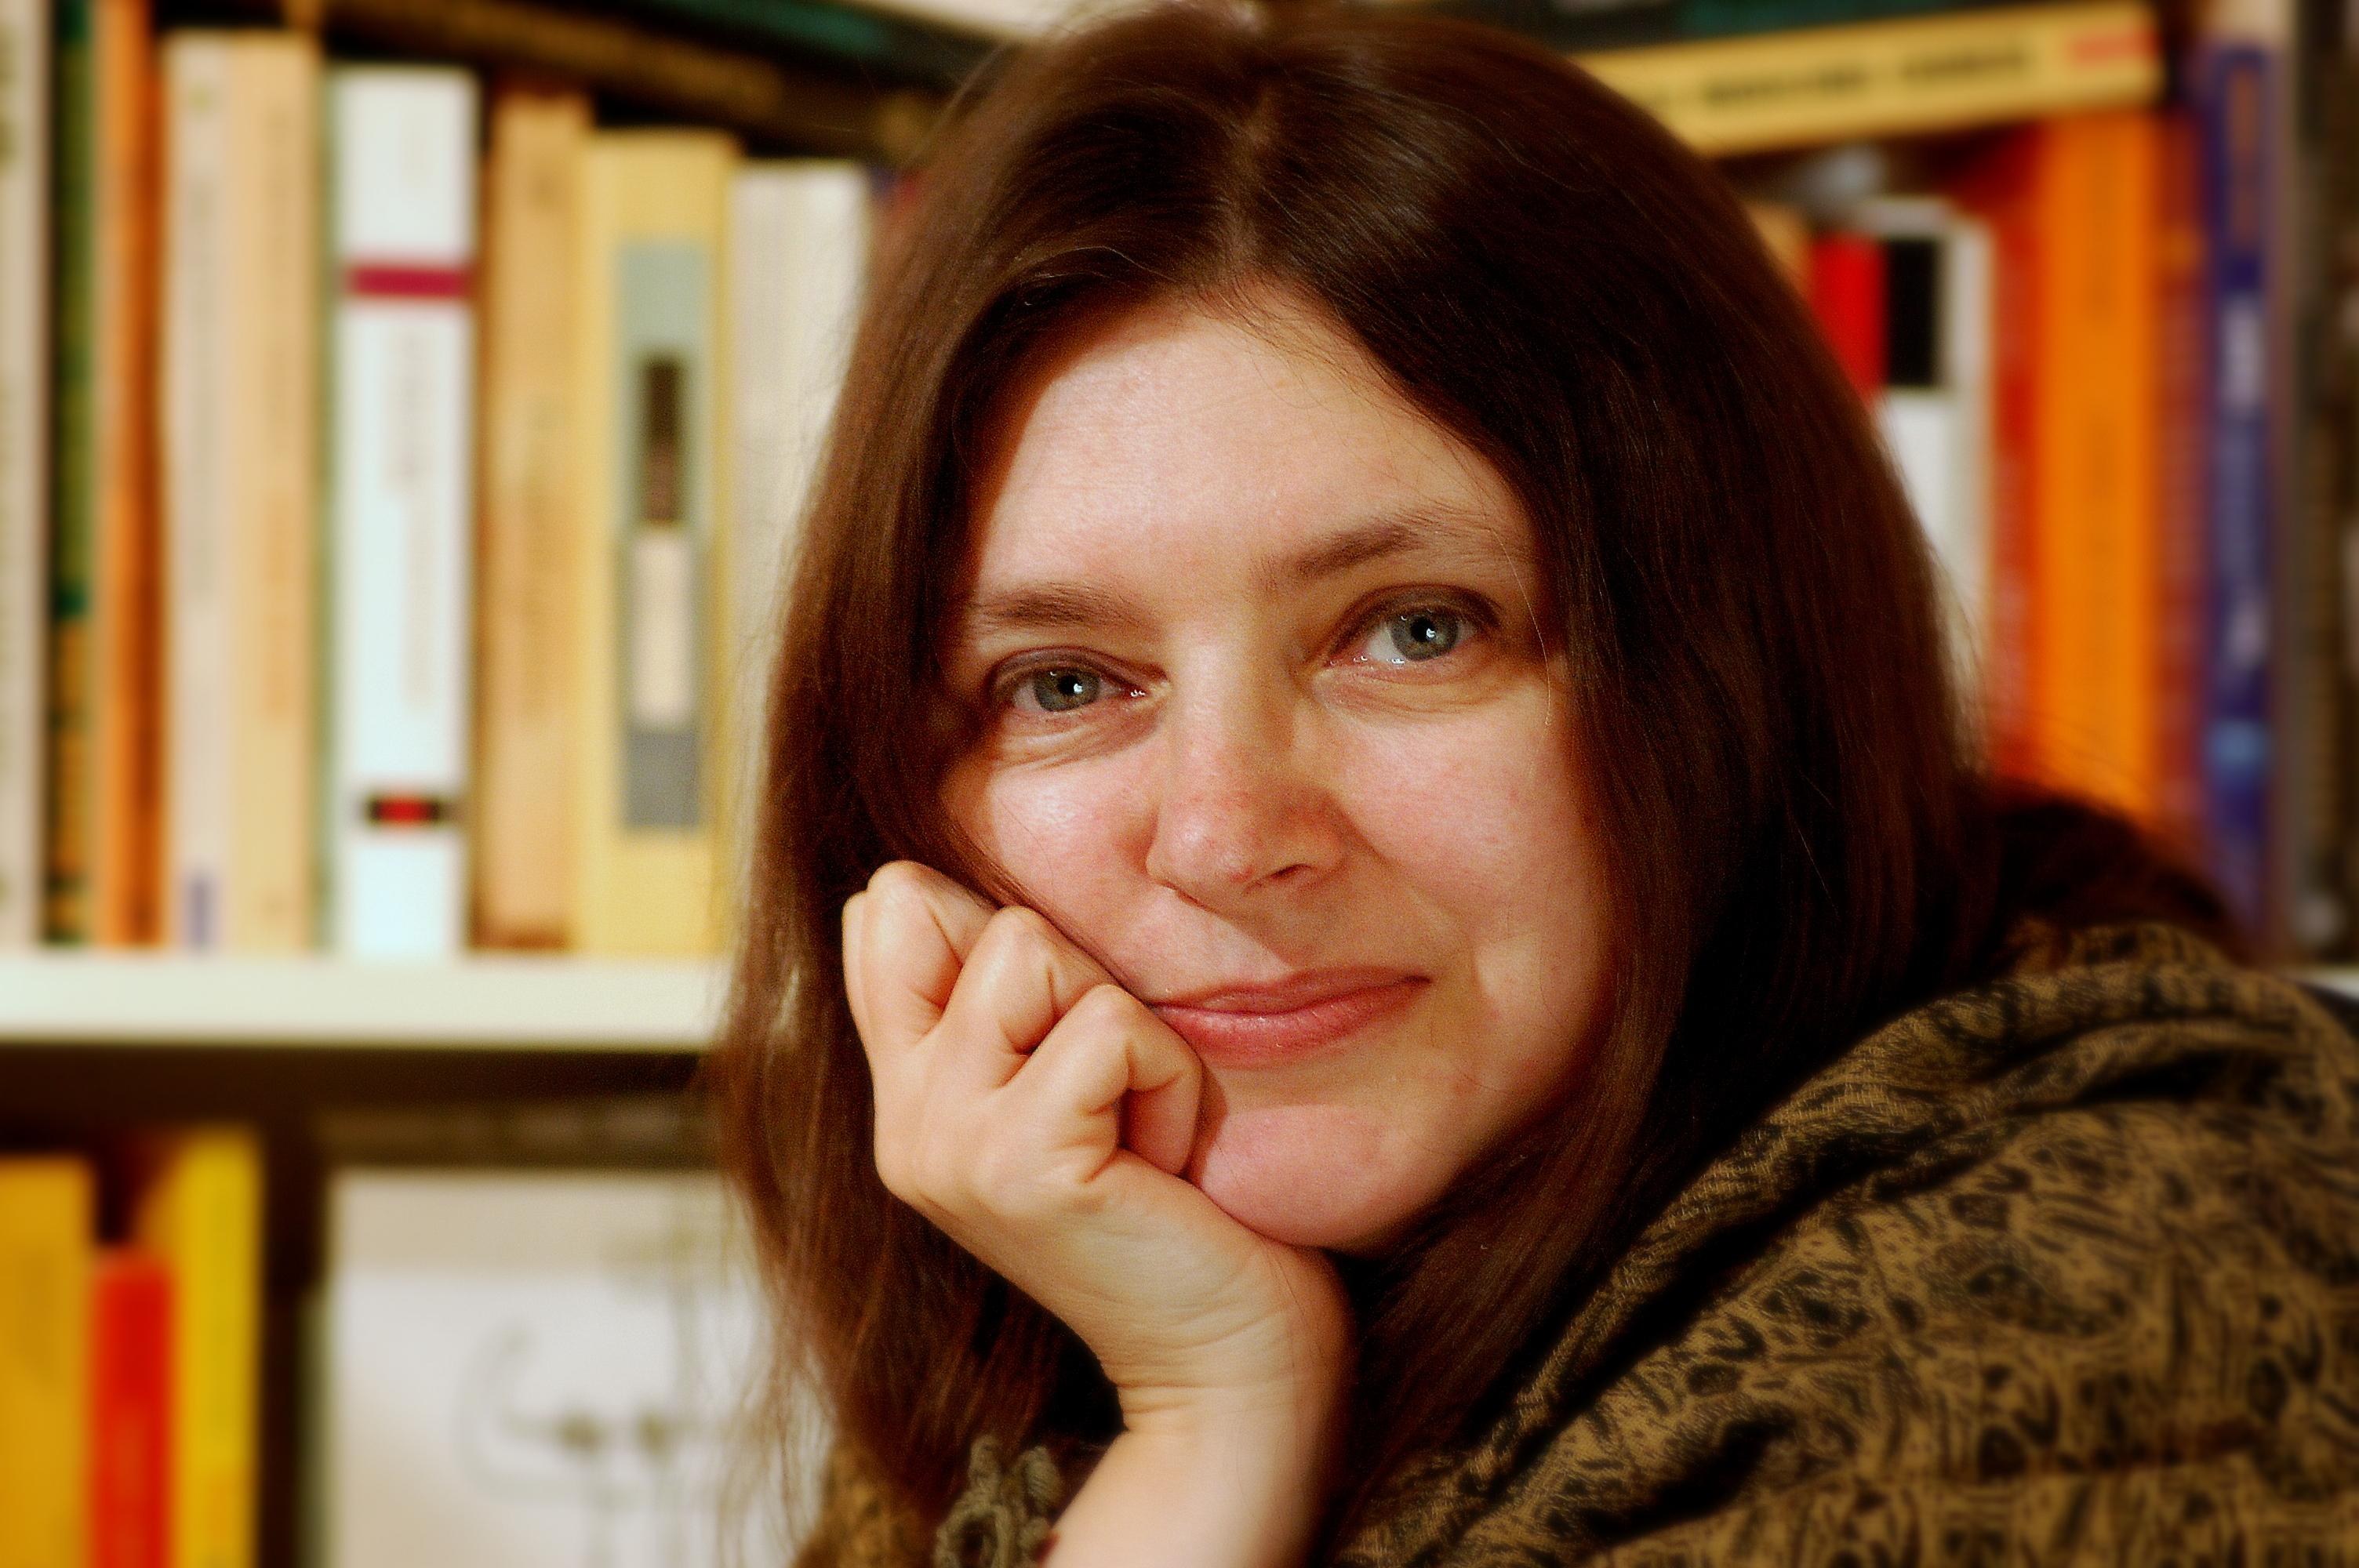 """Tatiana Niculescu Bran: """"Mirosul de levănțică e cheia mea fermecată"""""""